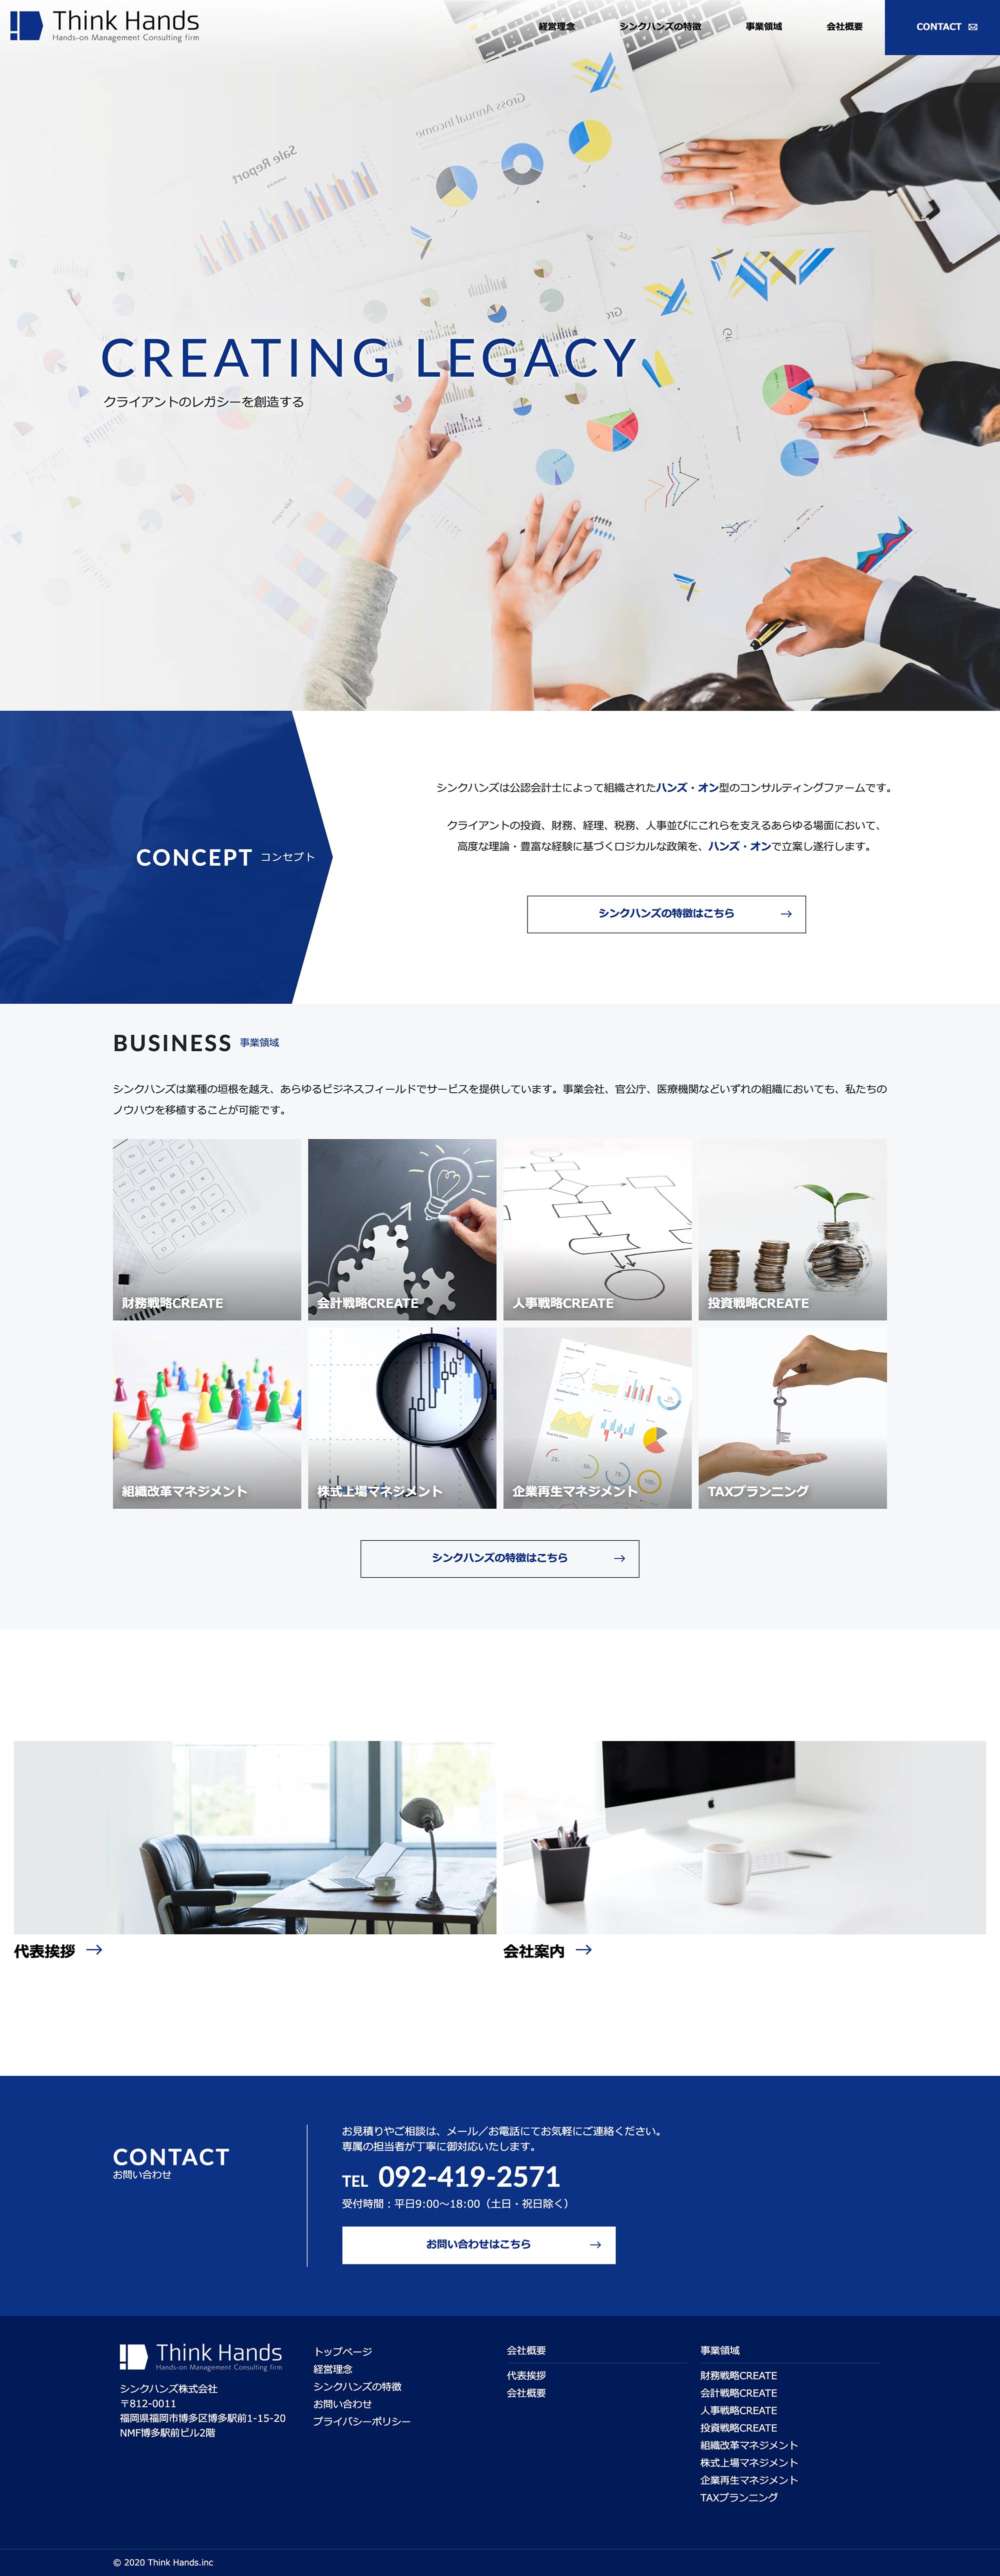 シンクハンズ株式会社様 ホームページ PC画像